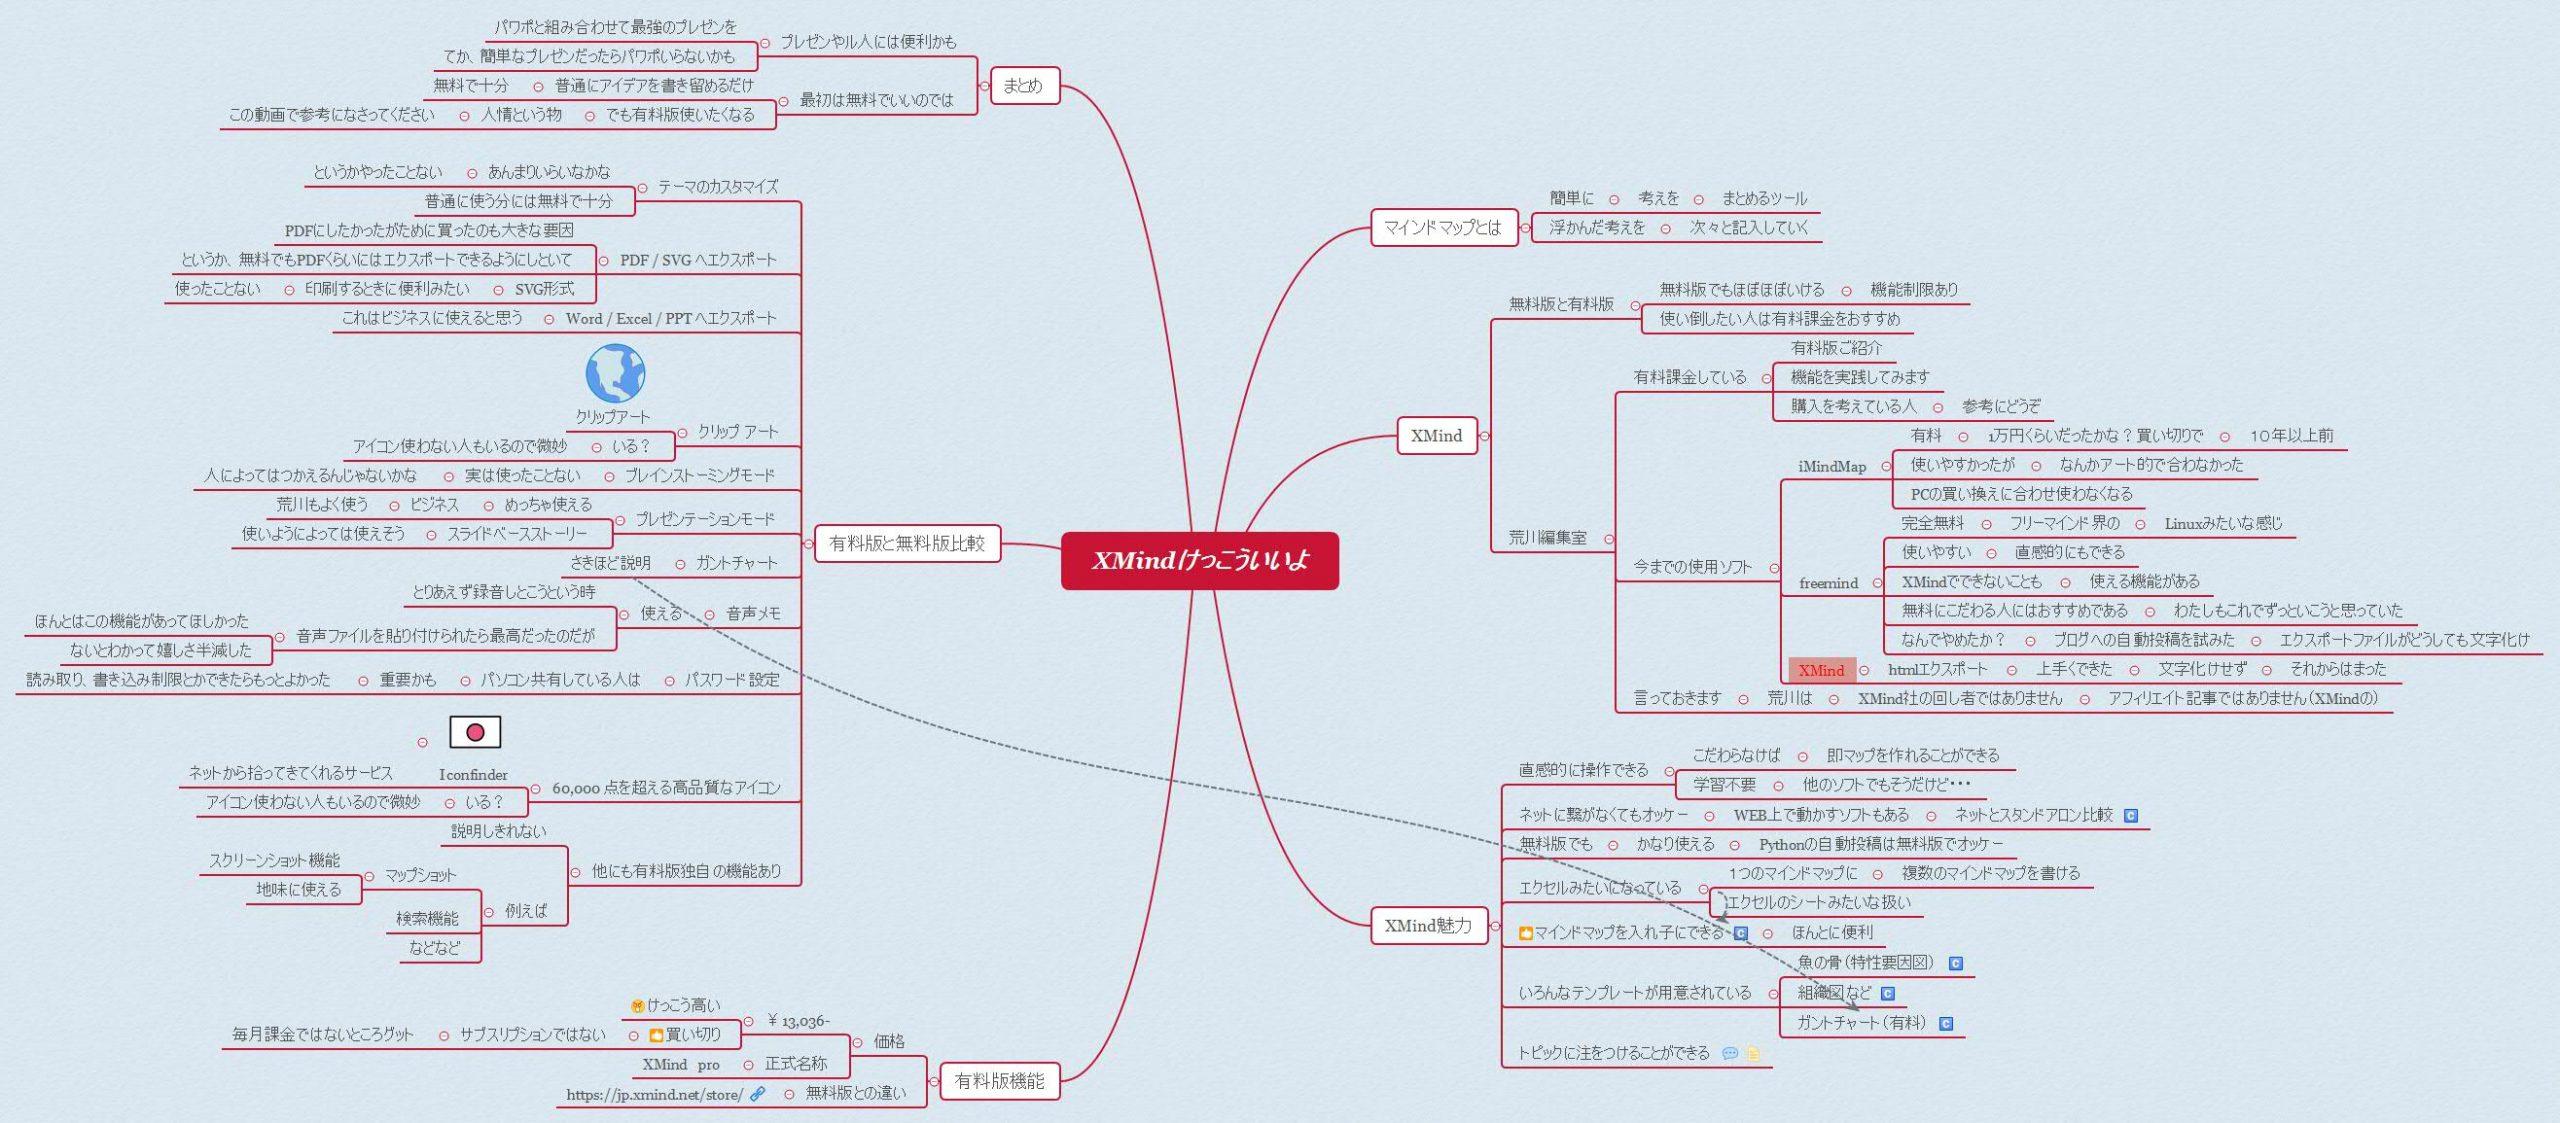 Xmind に課金して Xmind Proとなりました 荒川編集室